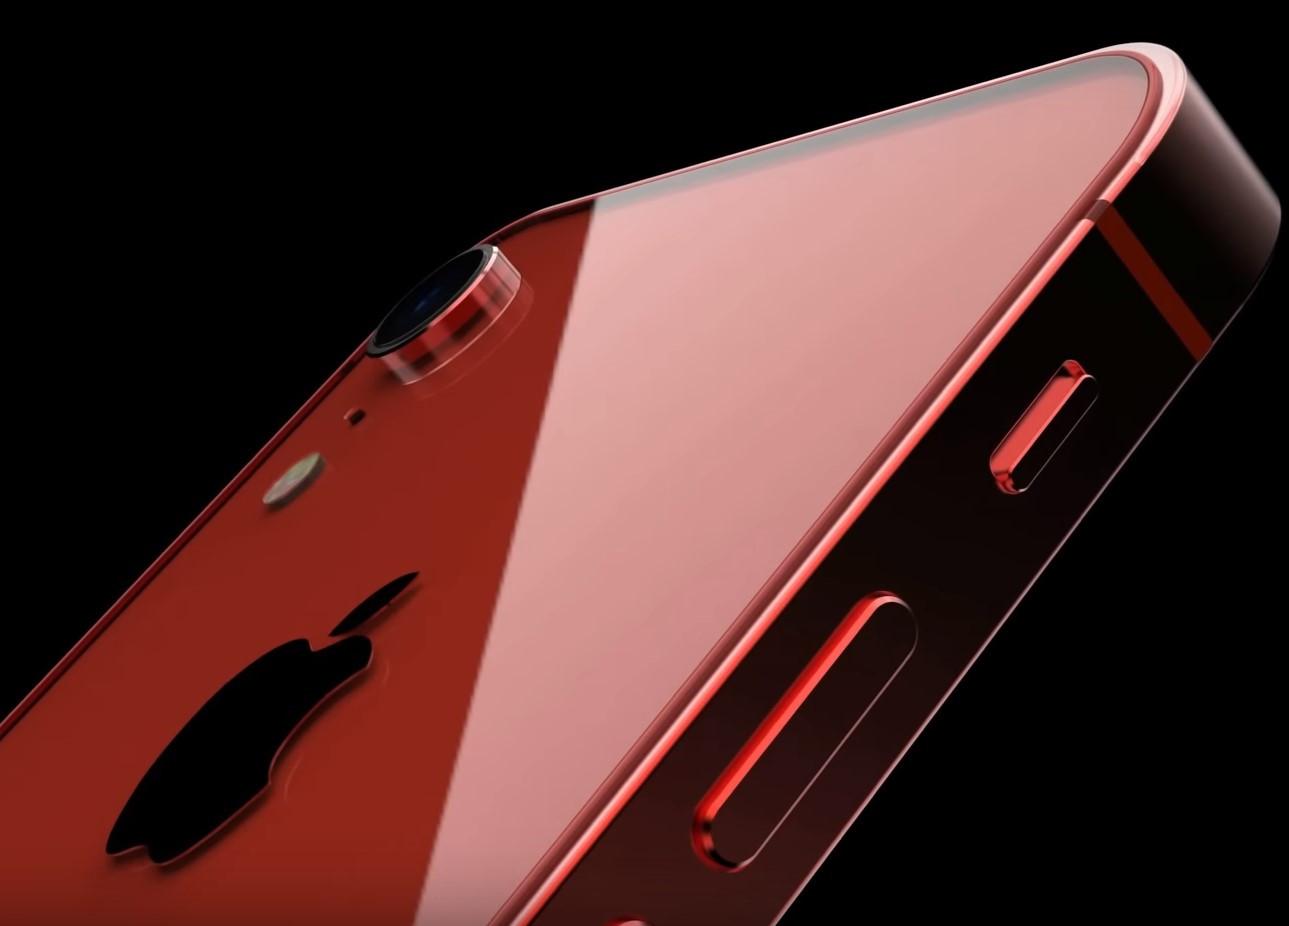 Chiếc iPhone đáng dùng nhất Apple nên ra mắt ngay đầu 2019 Ảnh 5